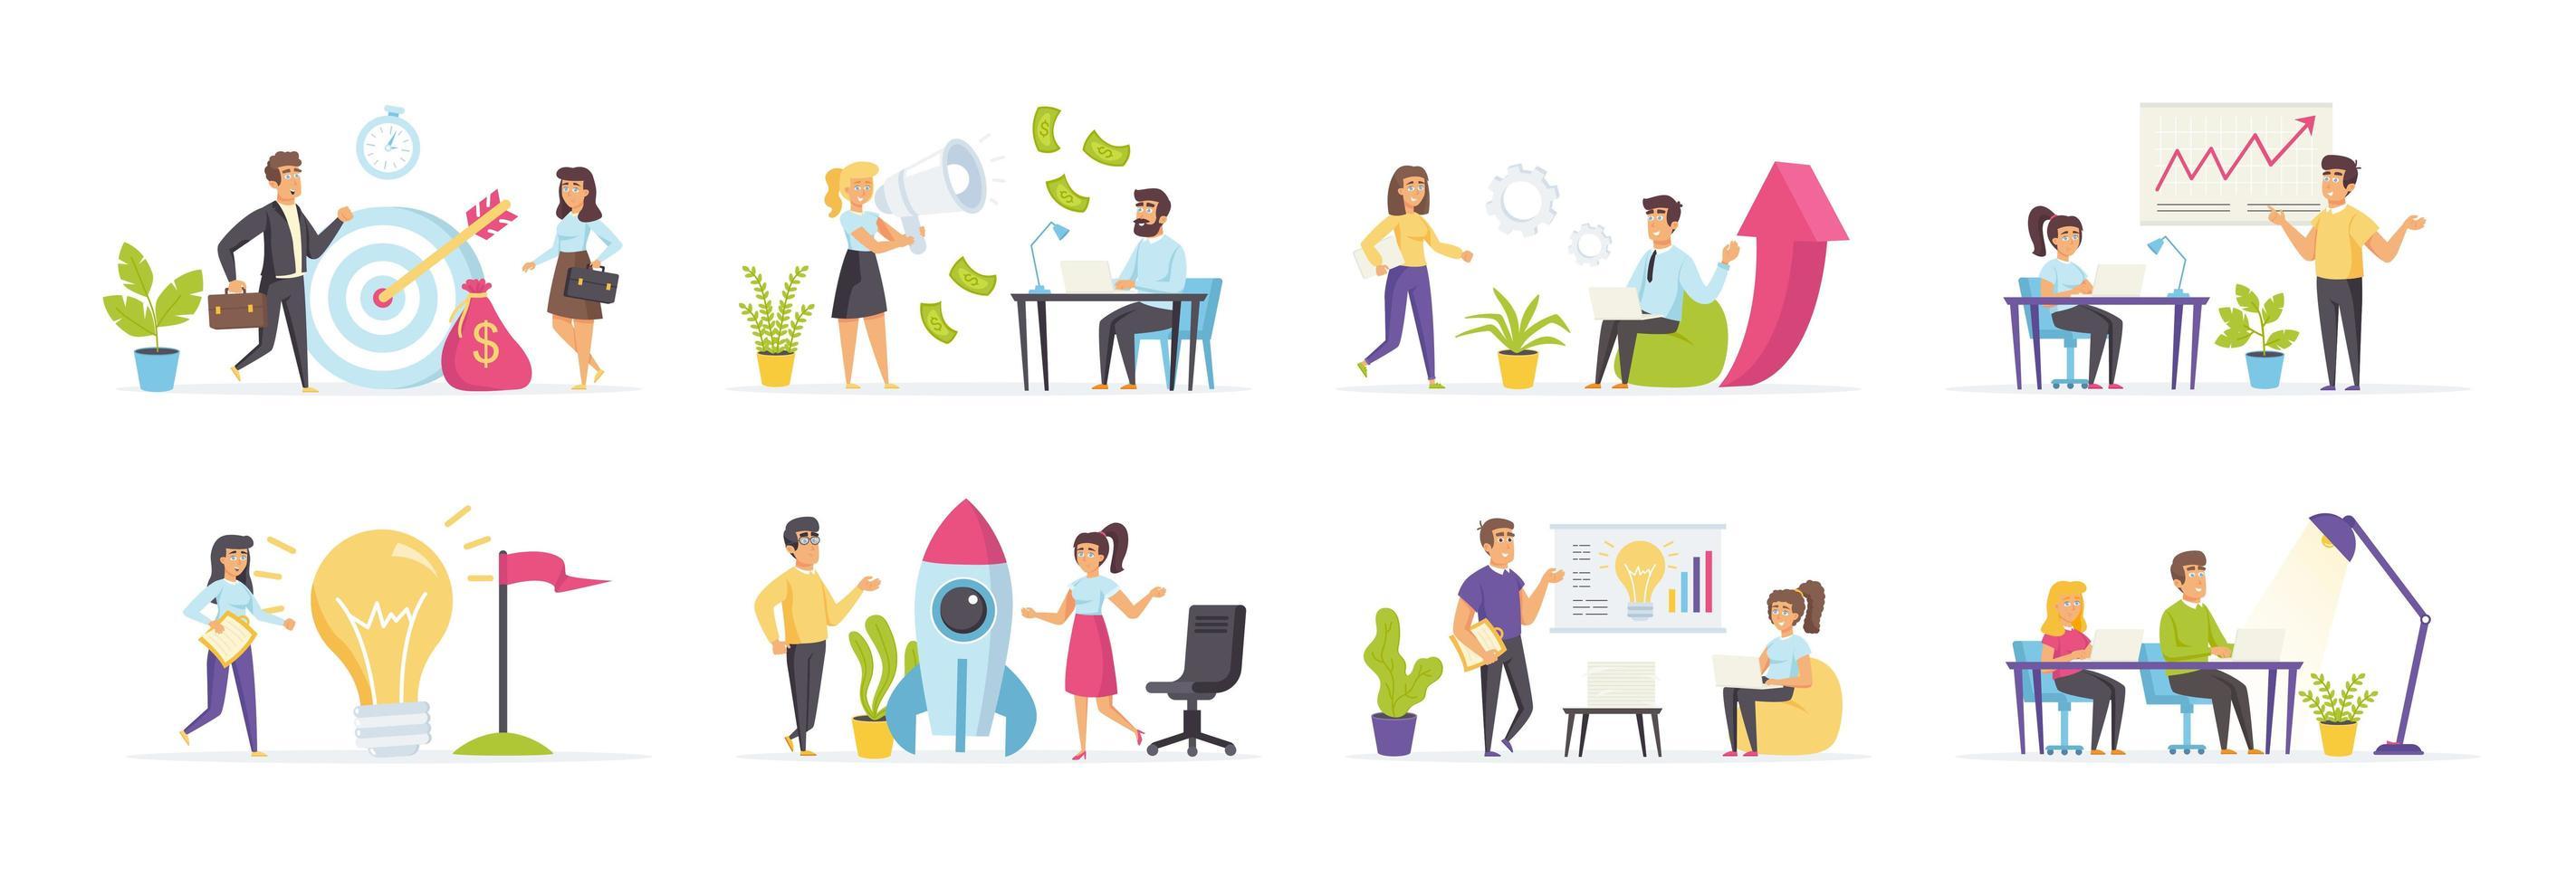 Startup-Unternehmen mit Menschen in verschiedenen Szenen gesetzt vektor